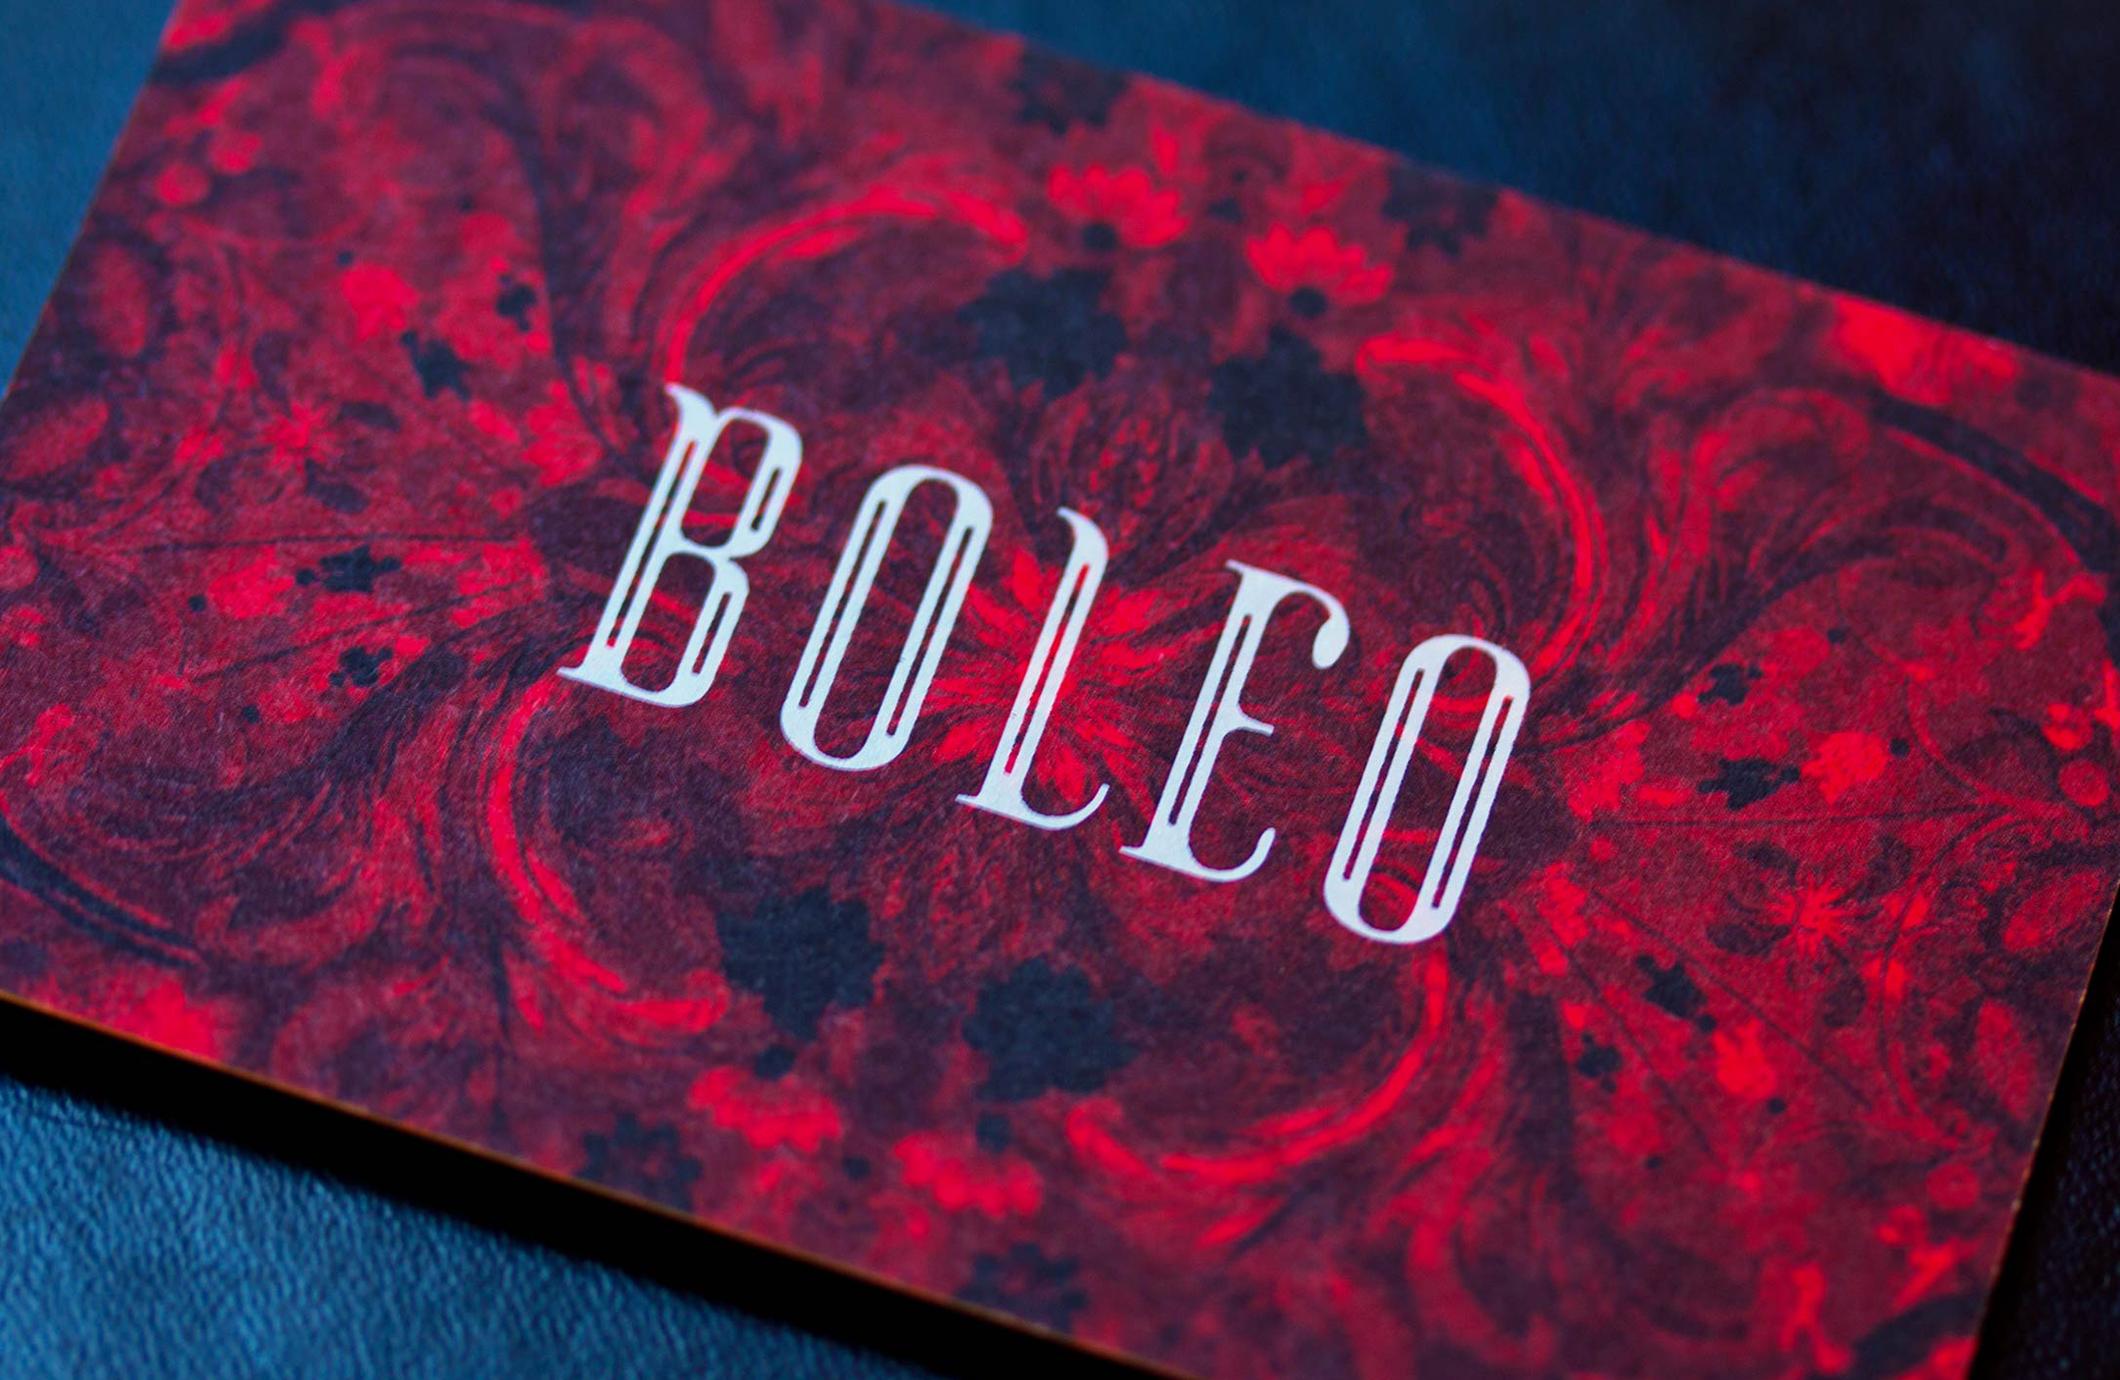 Boleo_08.png